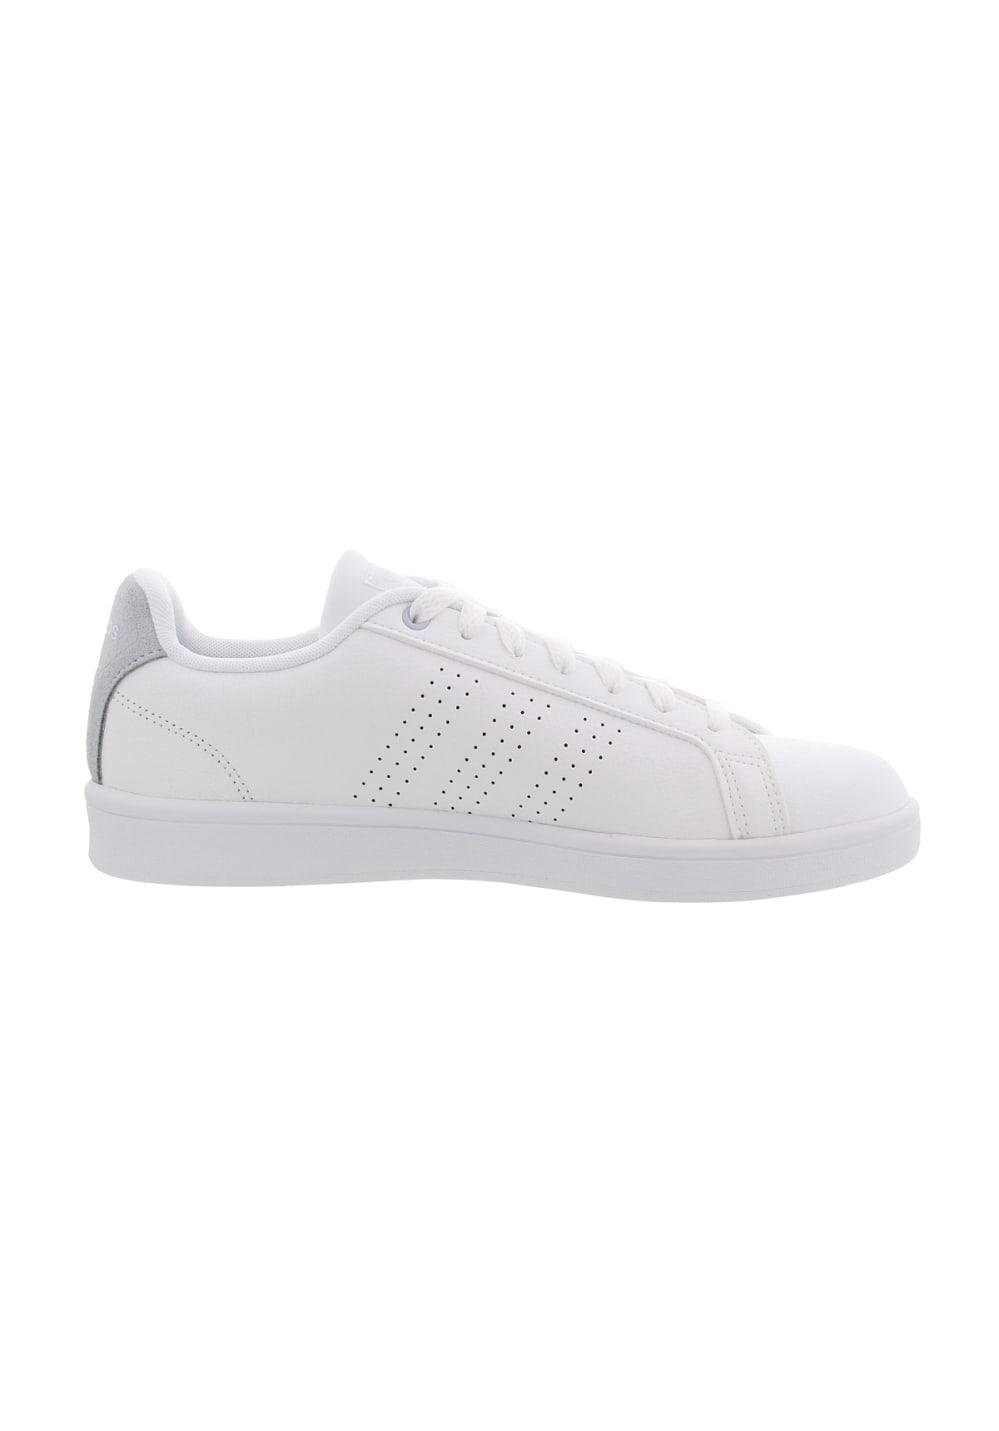 adidas neo Cloudfoam Advantage Clean - Sneaker für Damen - Weiß